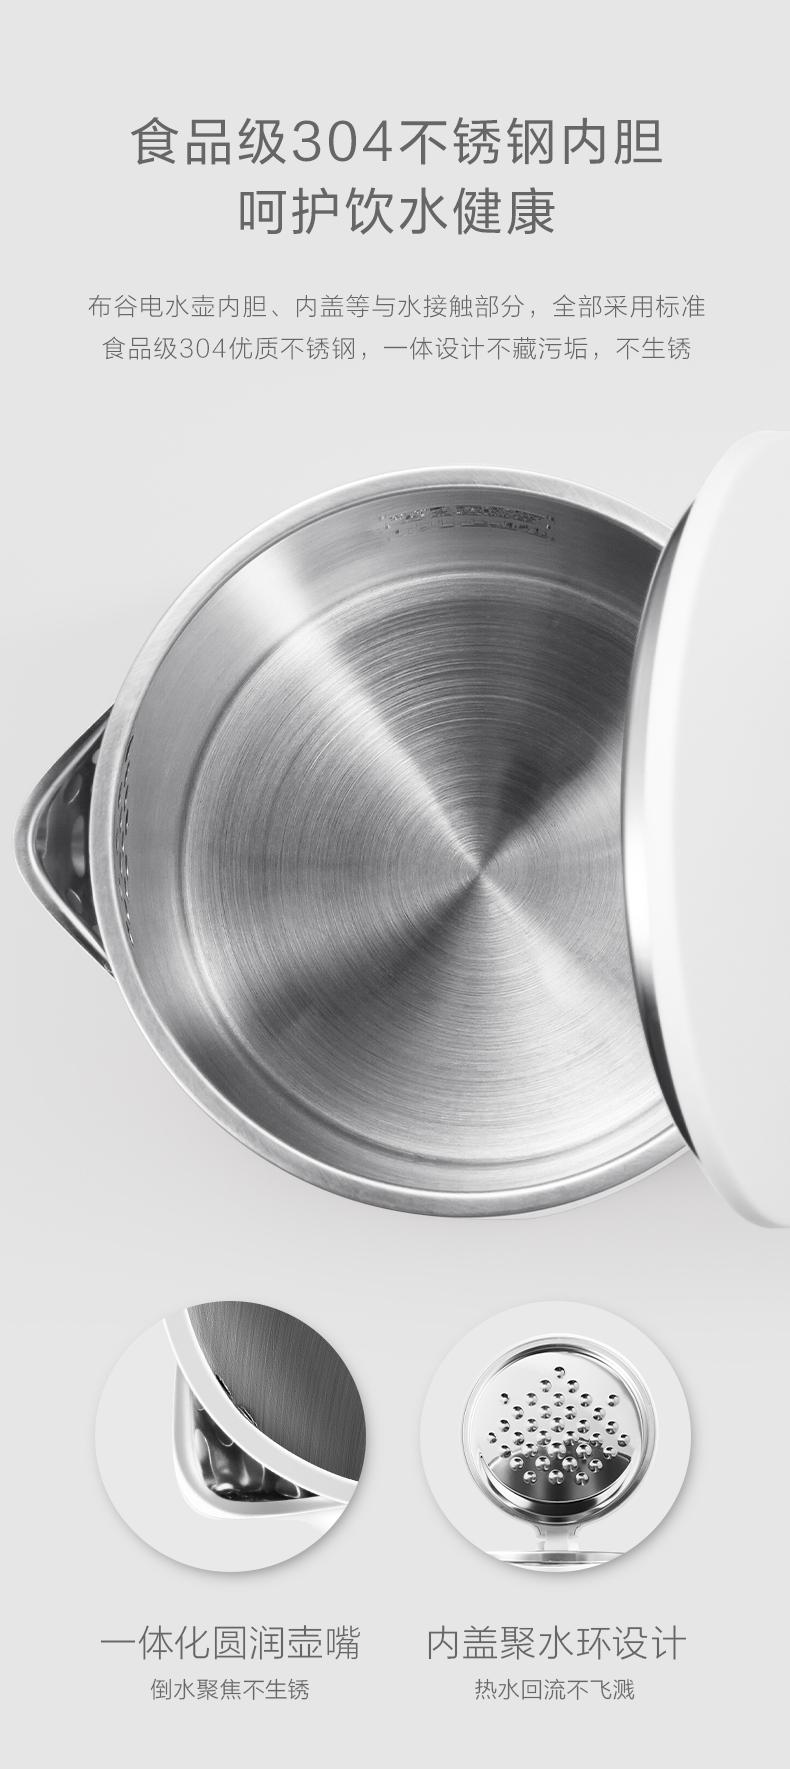 美的 布谷 304不锈钢电热水壶 1850w 1.7L 图3